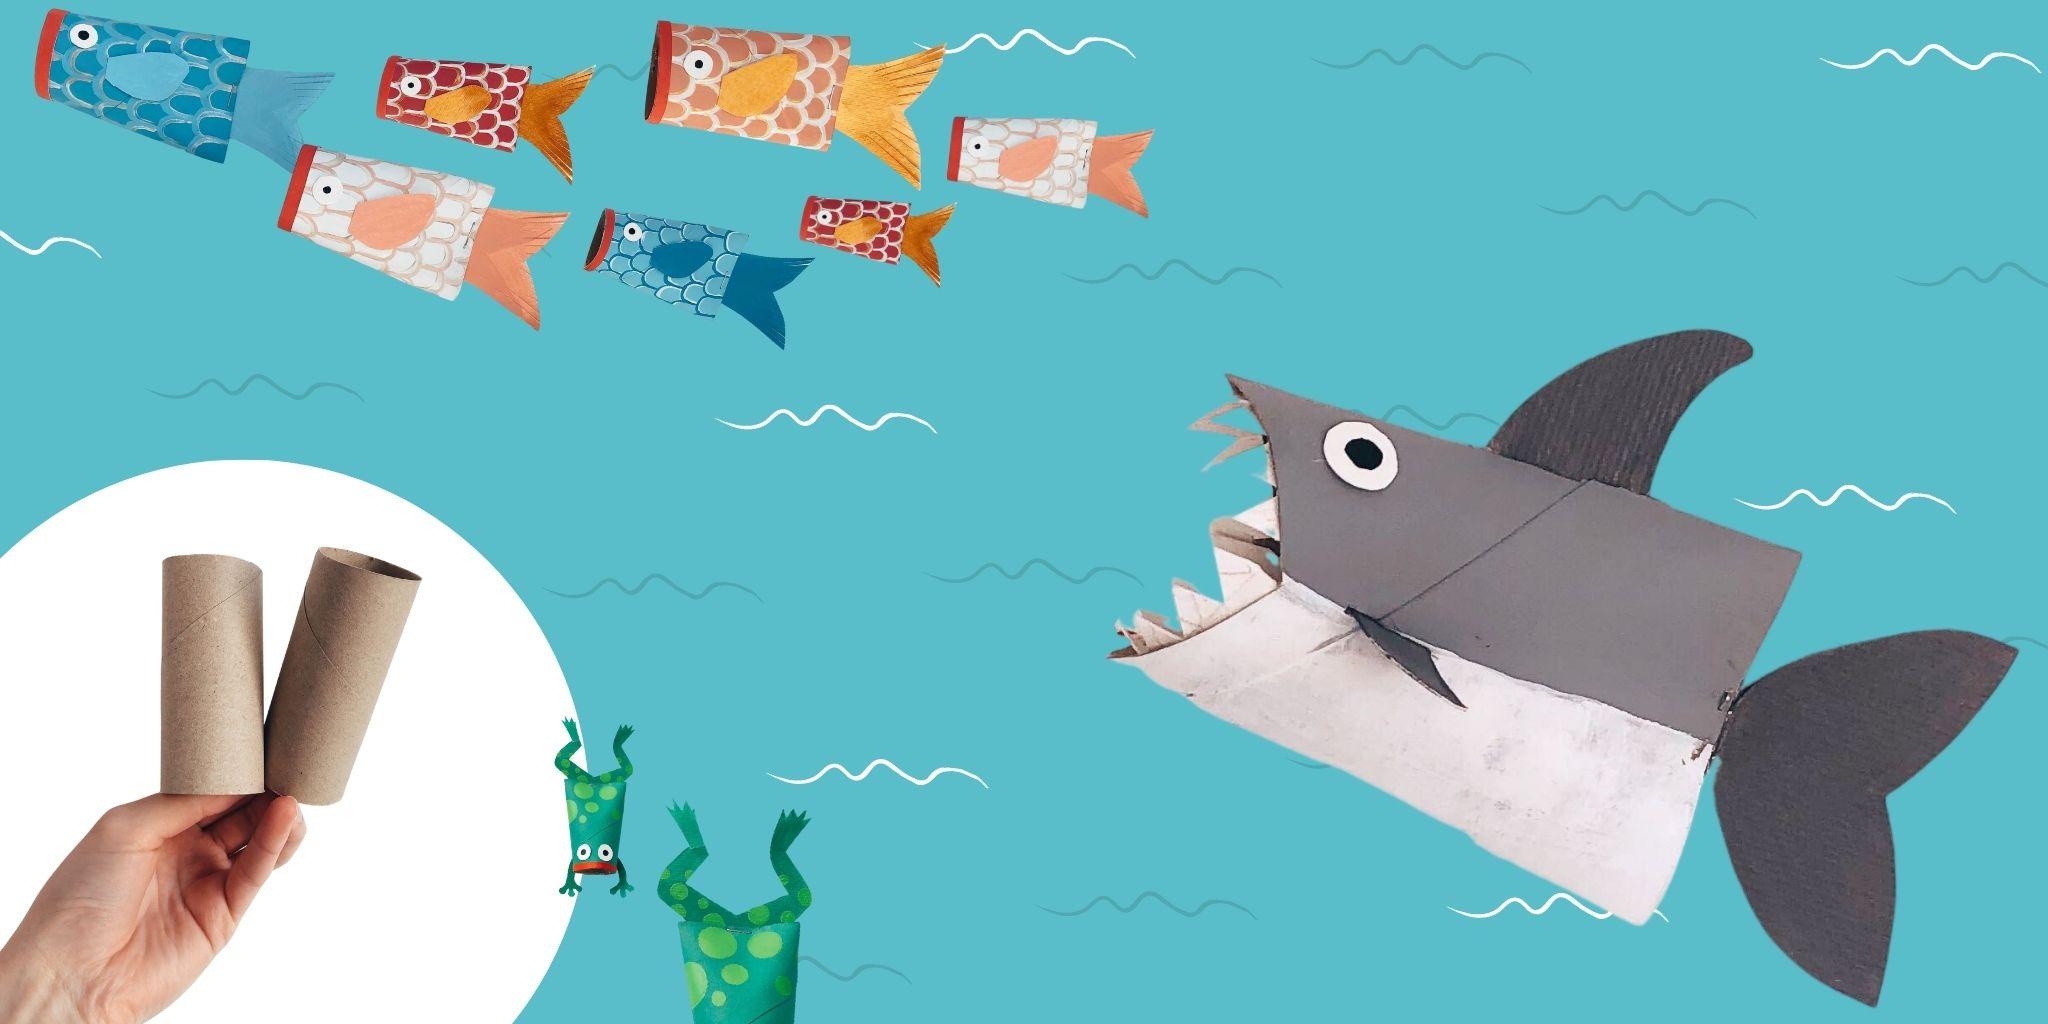 바다 생물 만들기: 상어, 개구리, 물고기